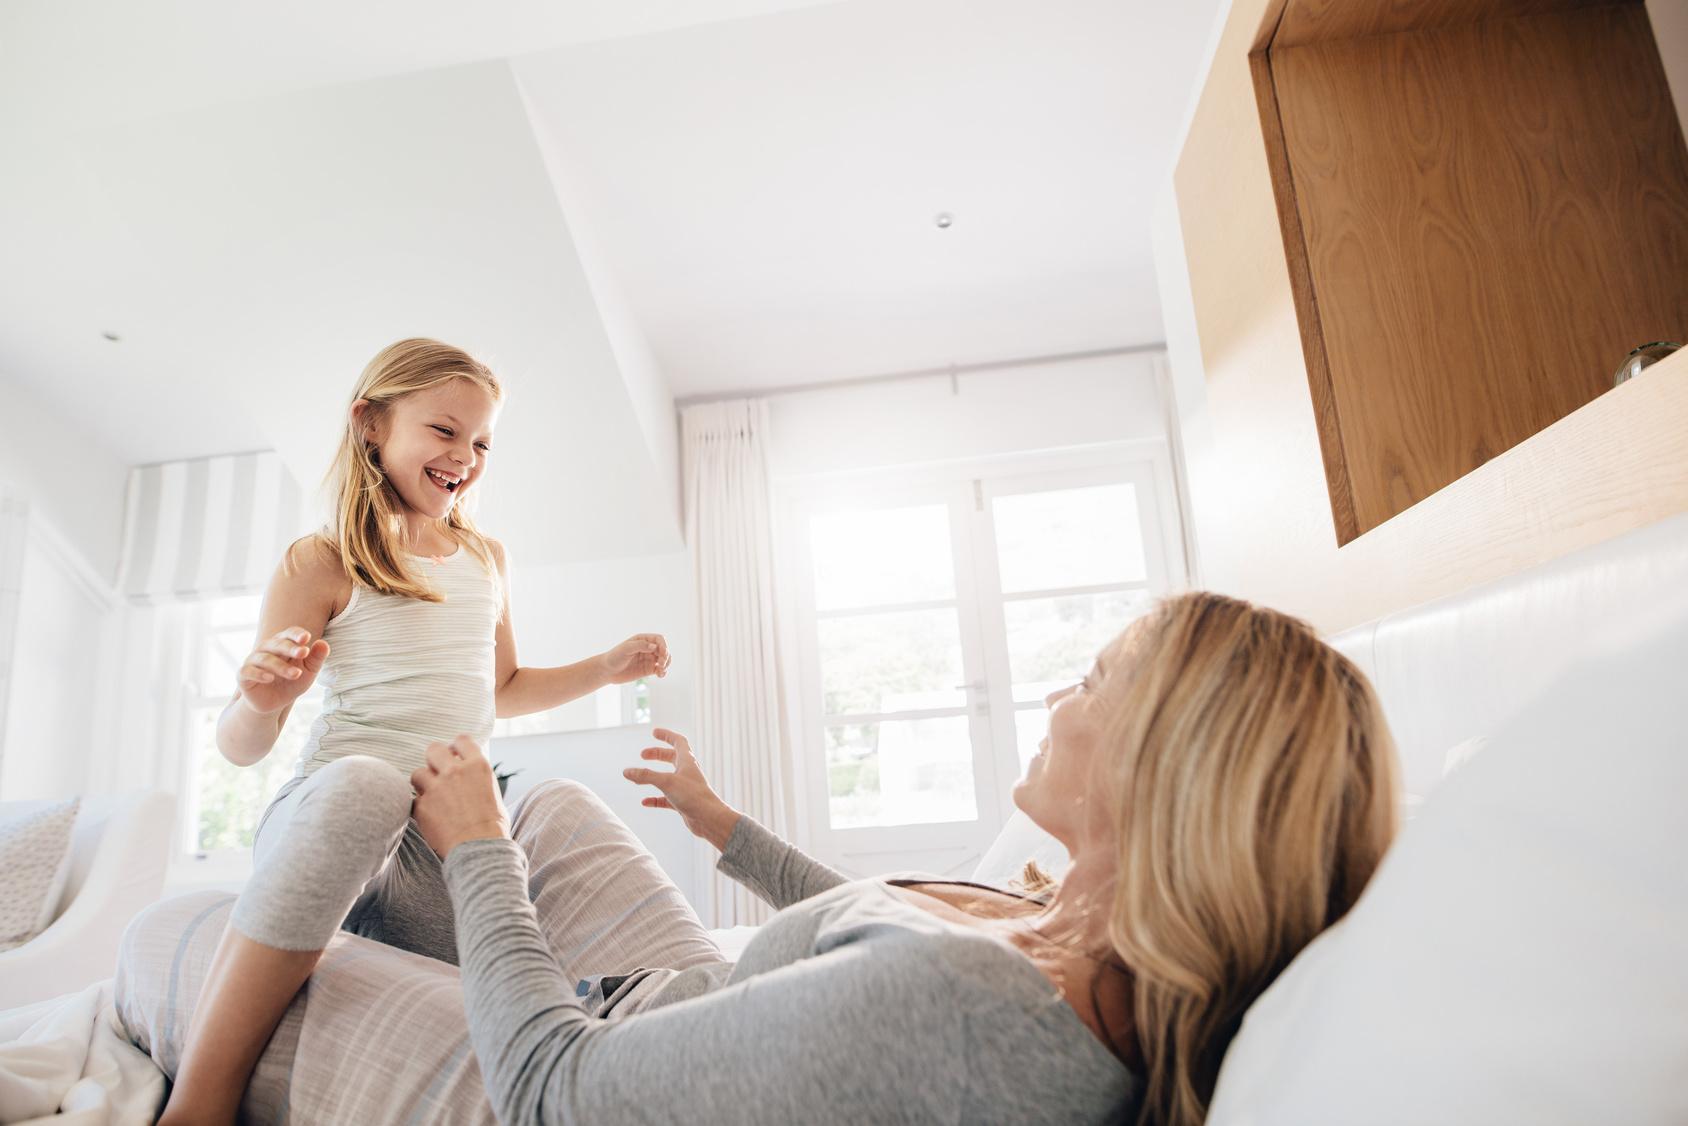 plafonds anti cov mas provence pr server la qualit de l air int rieur de la maison. Black Bedroom Furniture Sets. Home Design Ideas